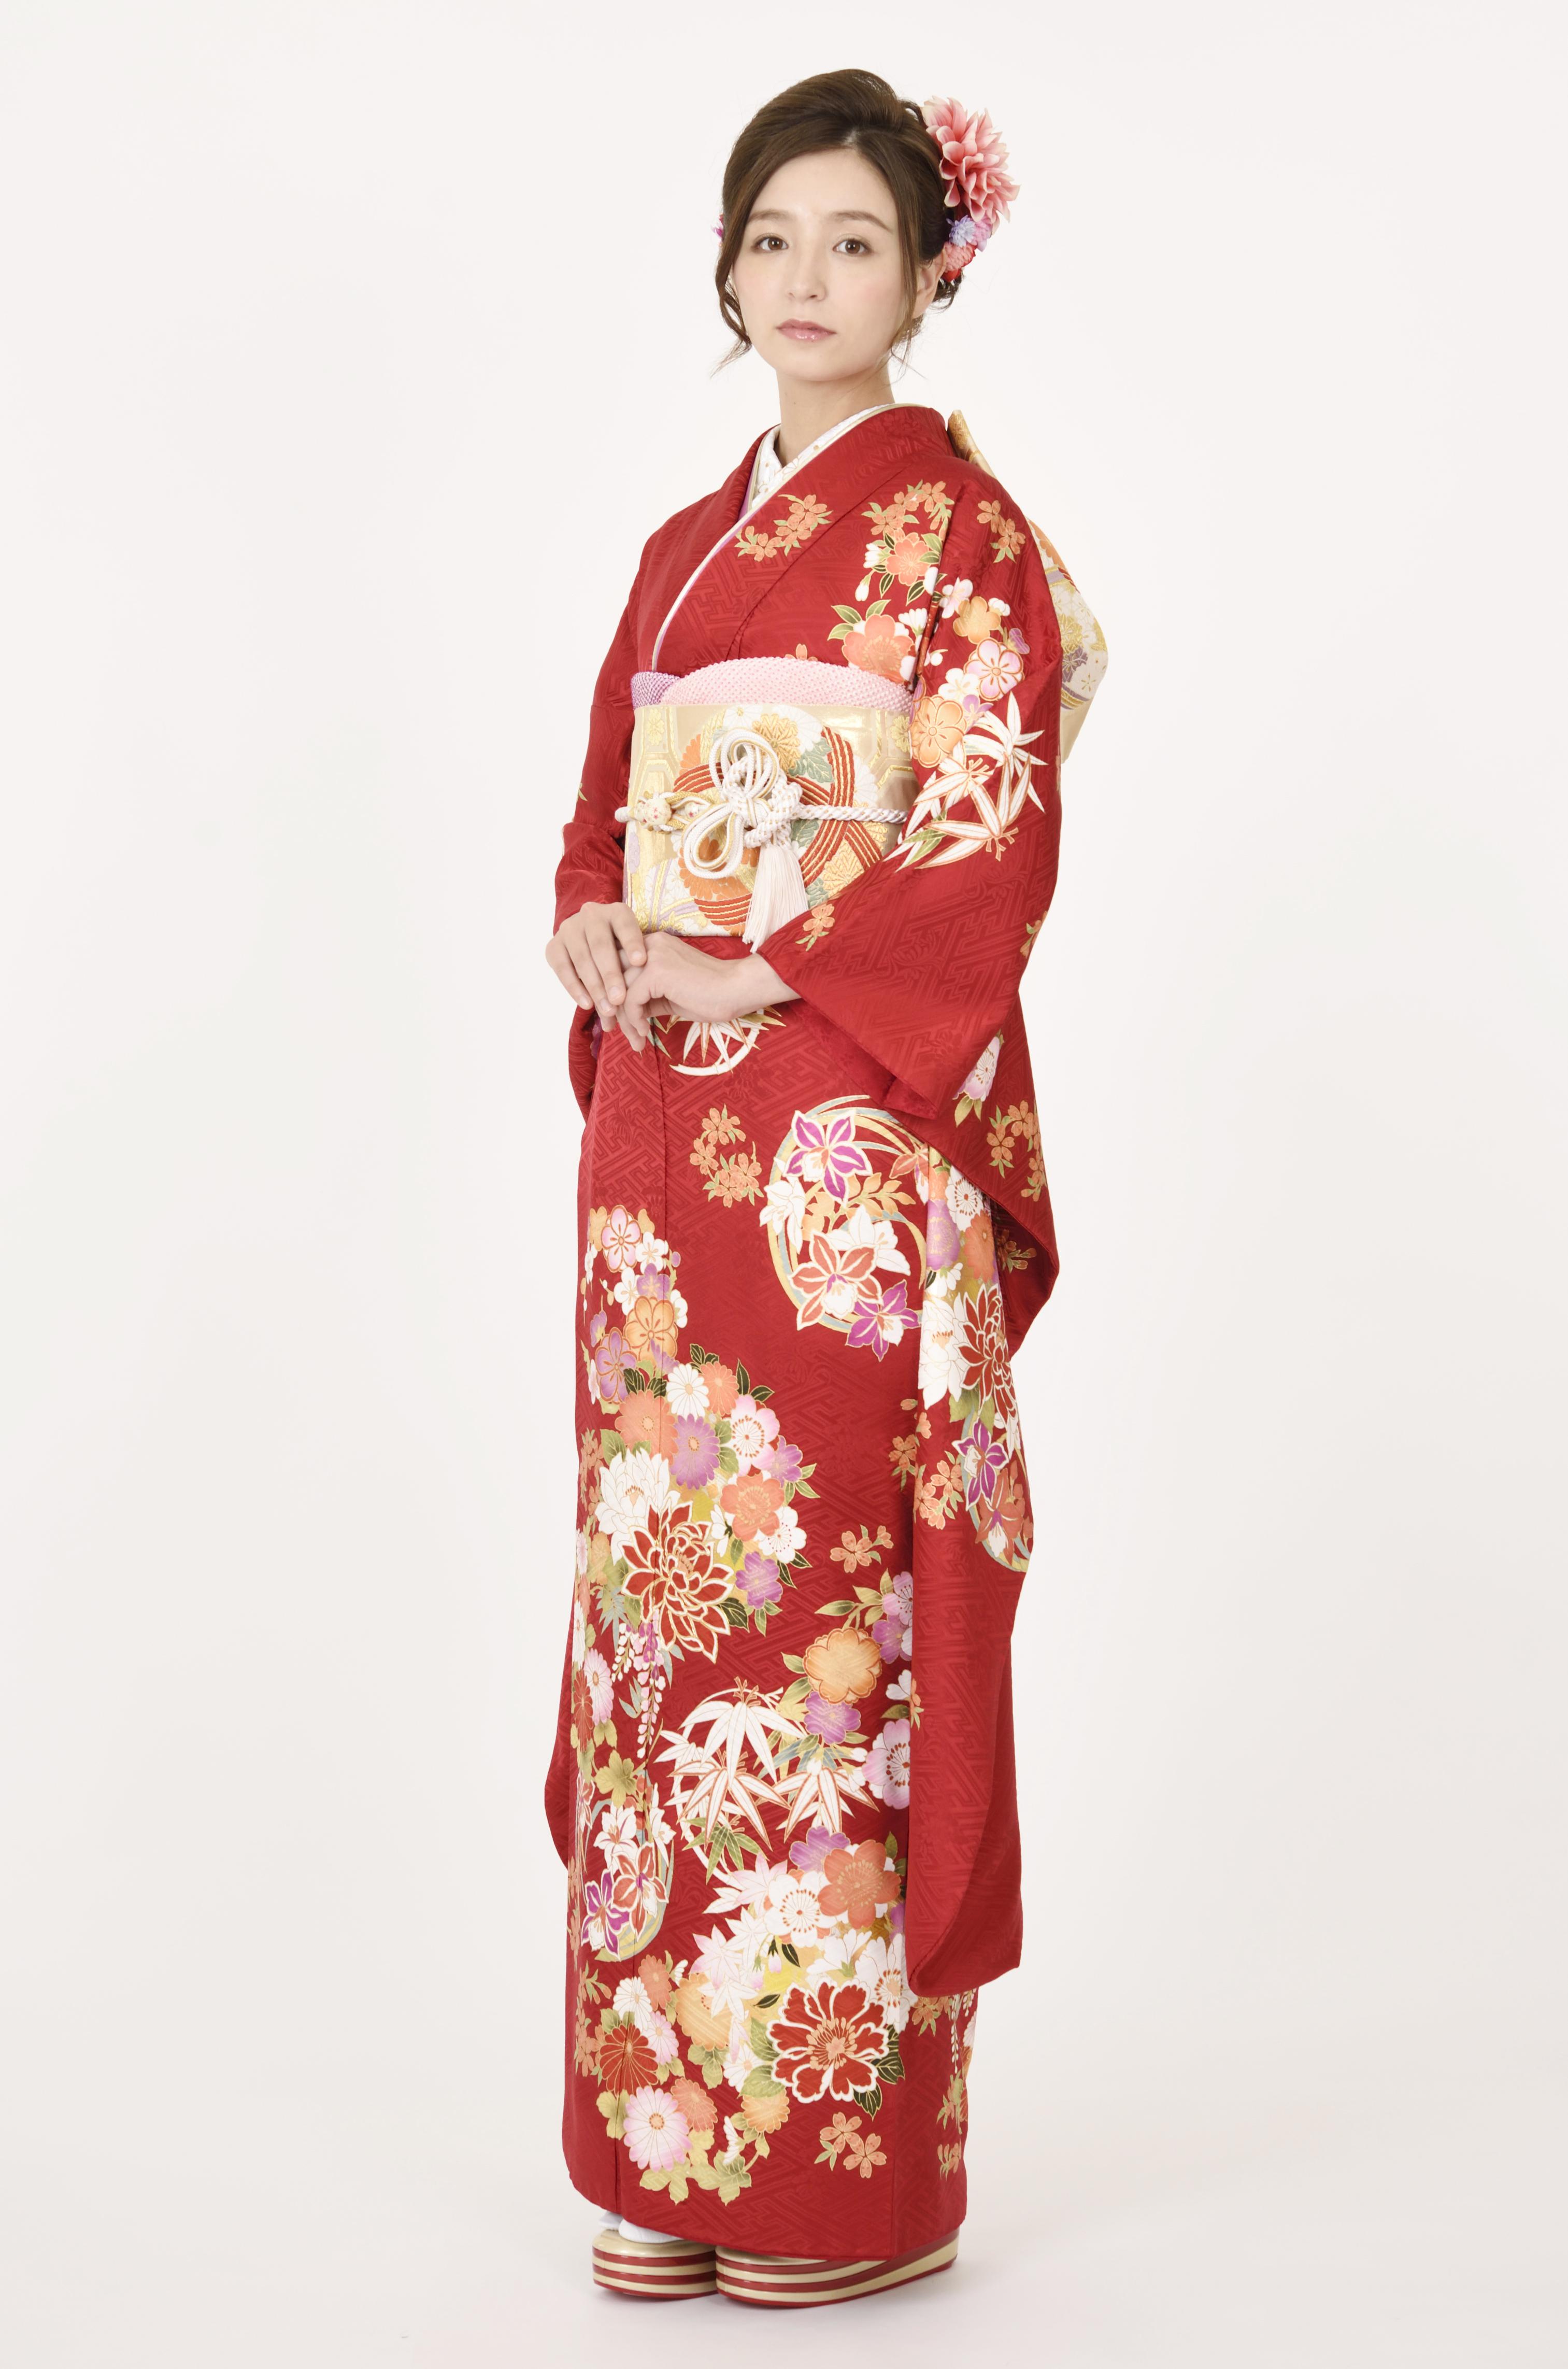 【MKK-28018】★紅色が気品あふれる花丸文柄振袖